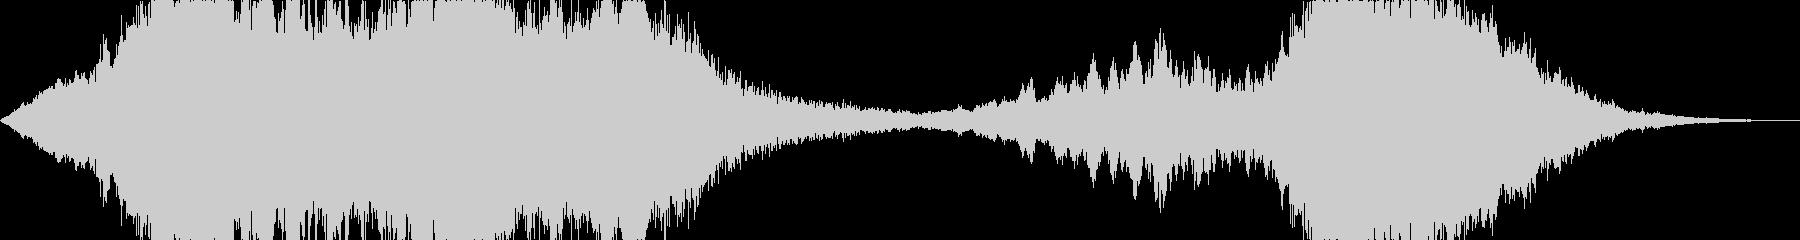 映画 ホラー 恐怖 お化け屋敷3の未再生の波形